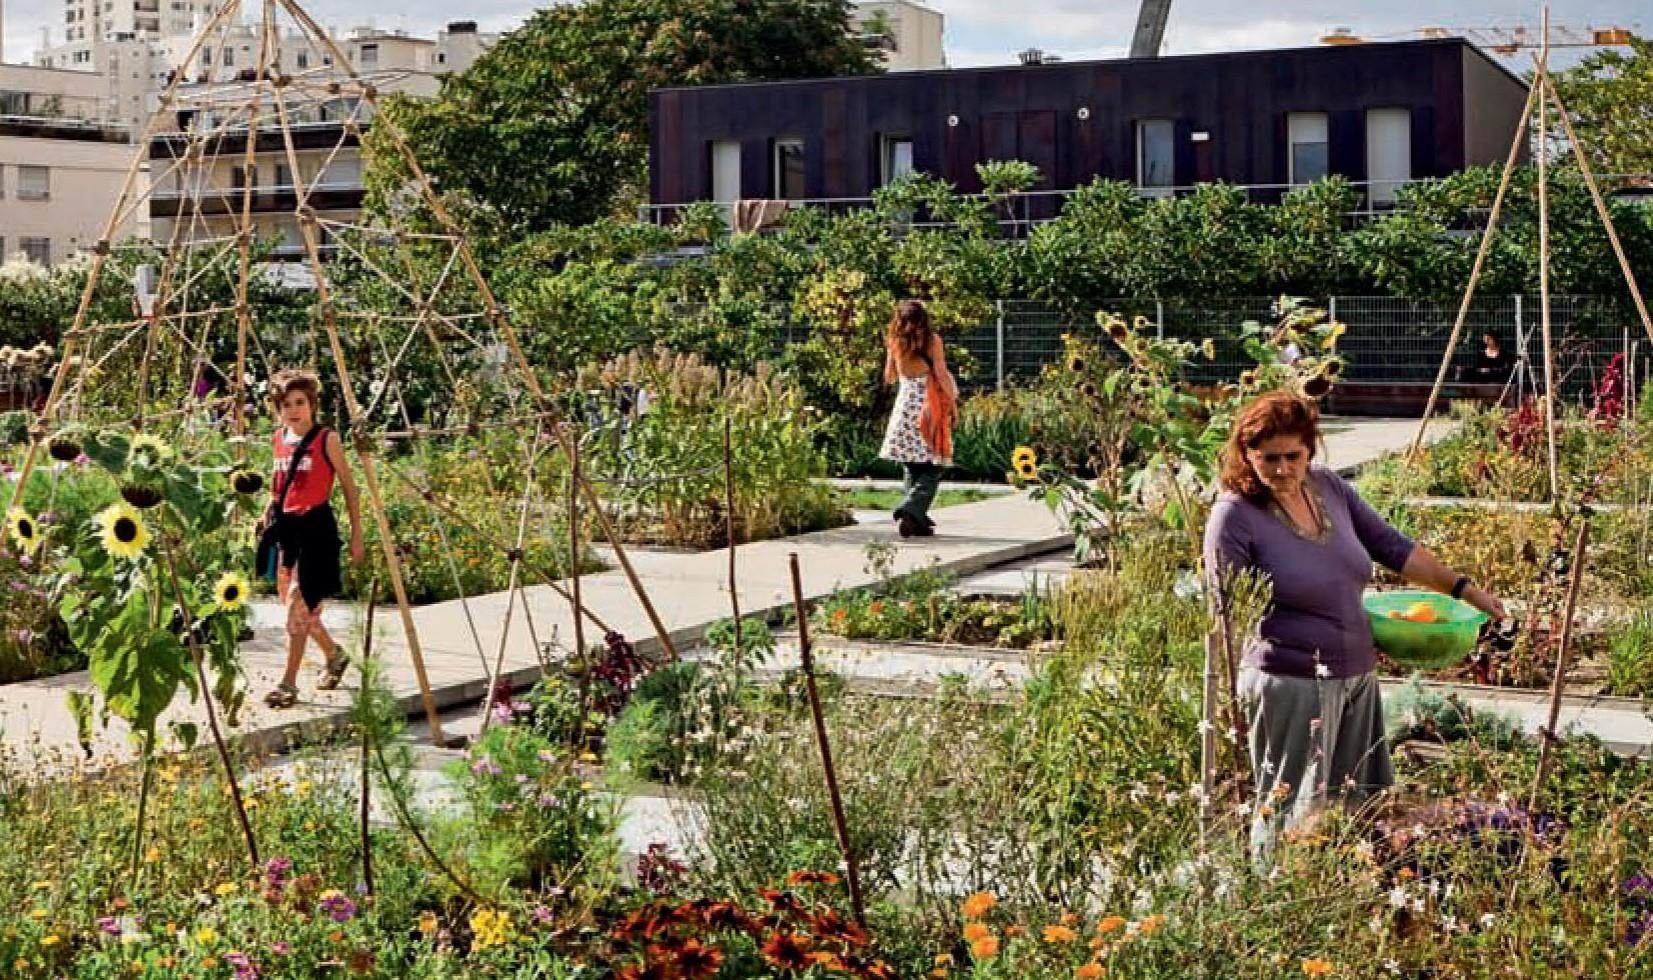 le jardin sur le toit rue des vignoles est dans le dernier ecologik hors s rie toa. Black Bedroom Furniture Sets. Home Design Ideas